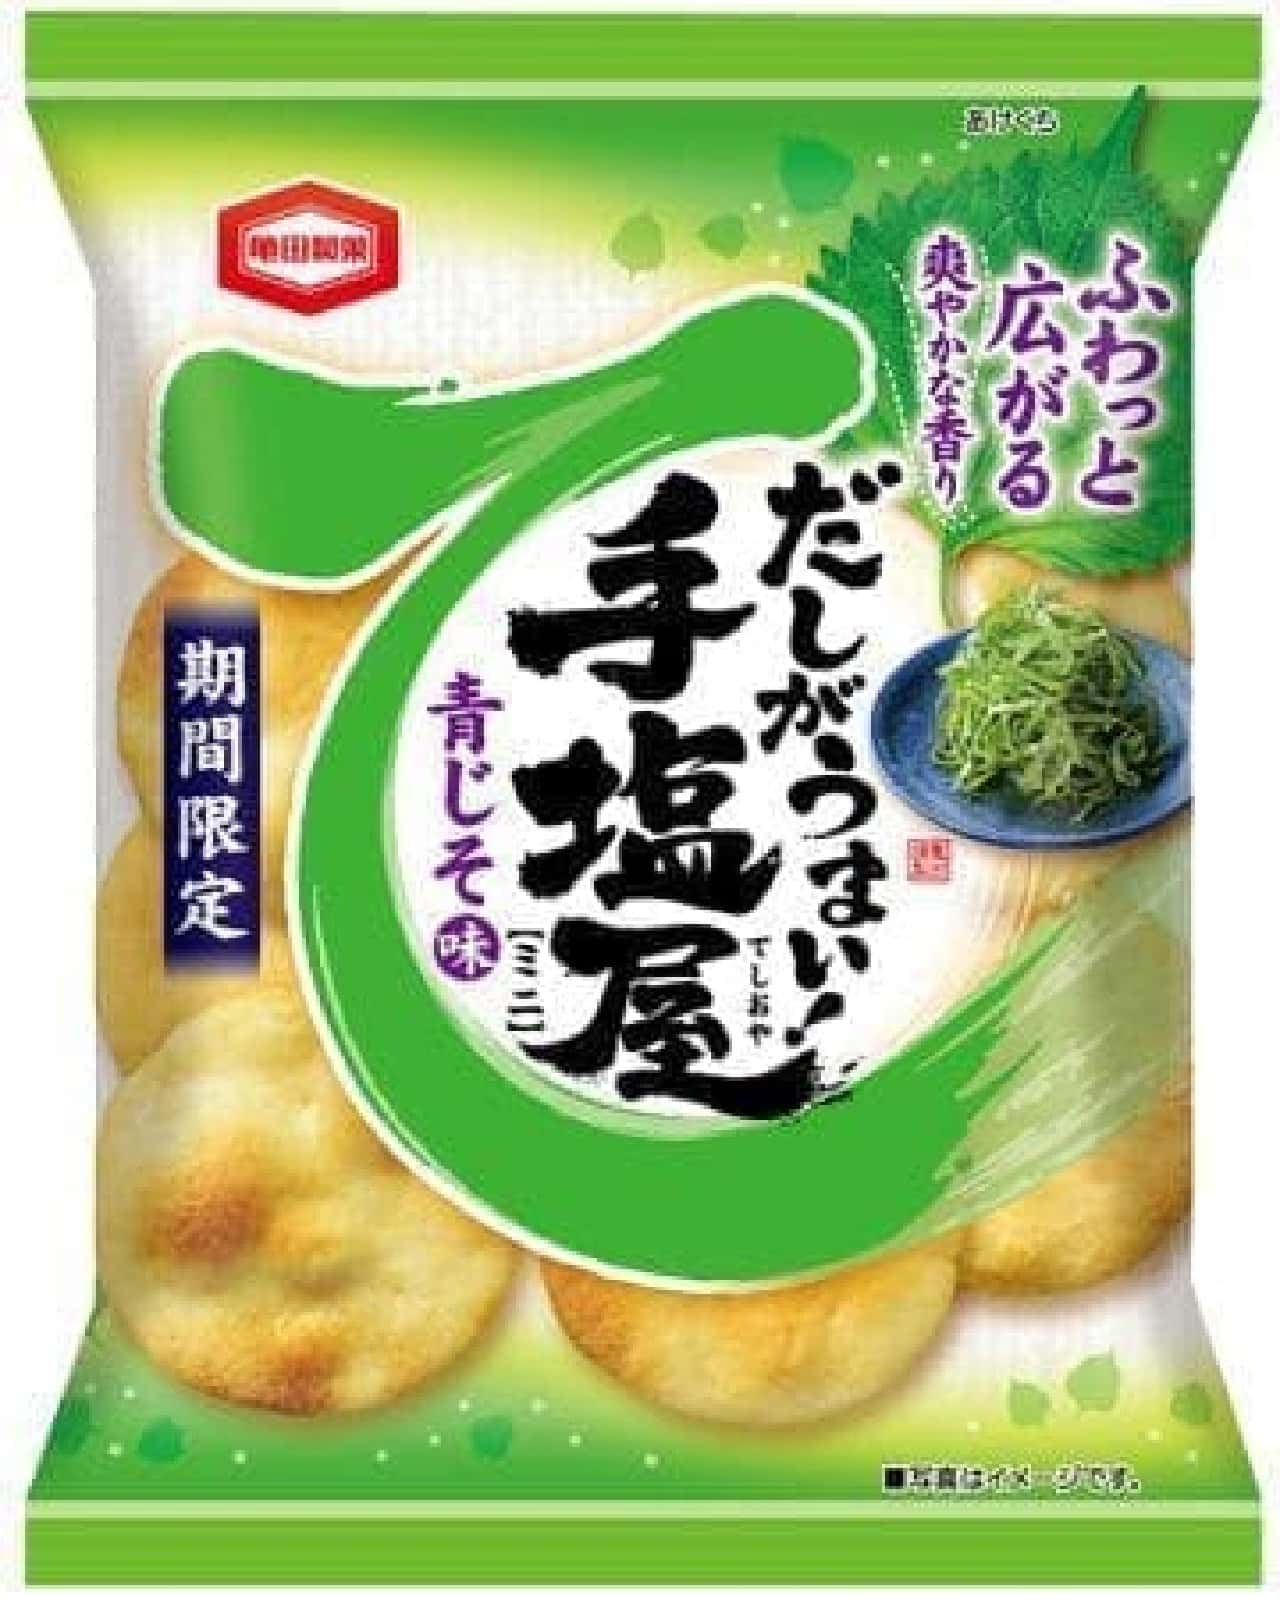 亀田製菓「手塩屋ミニ 青じそ味」